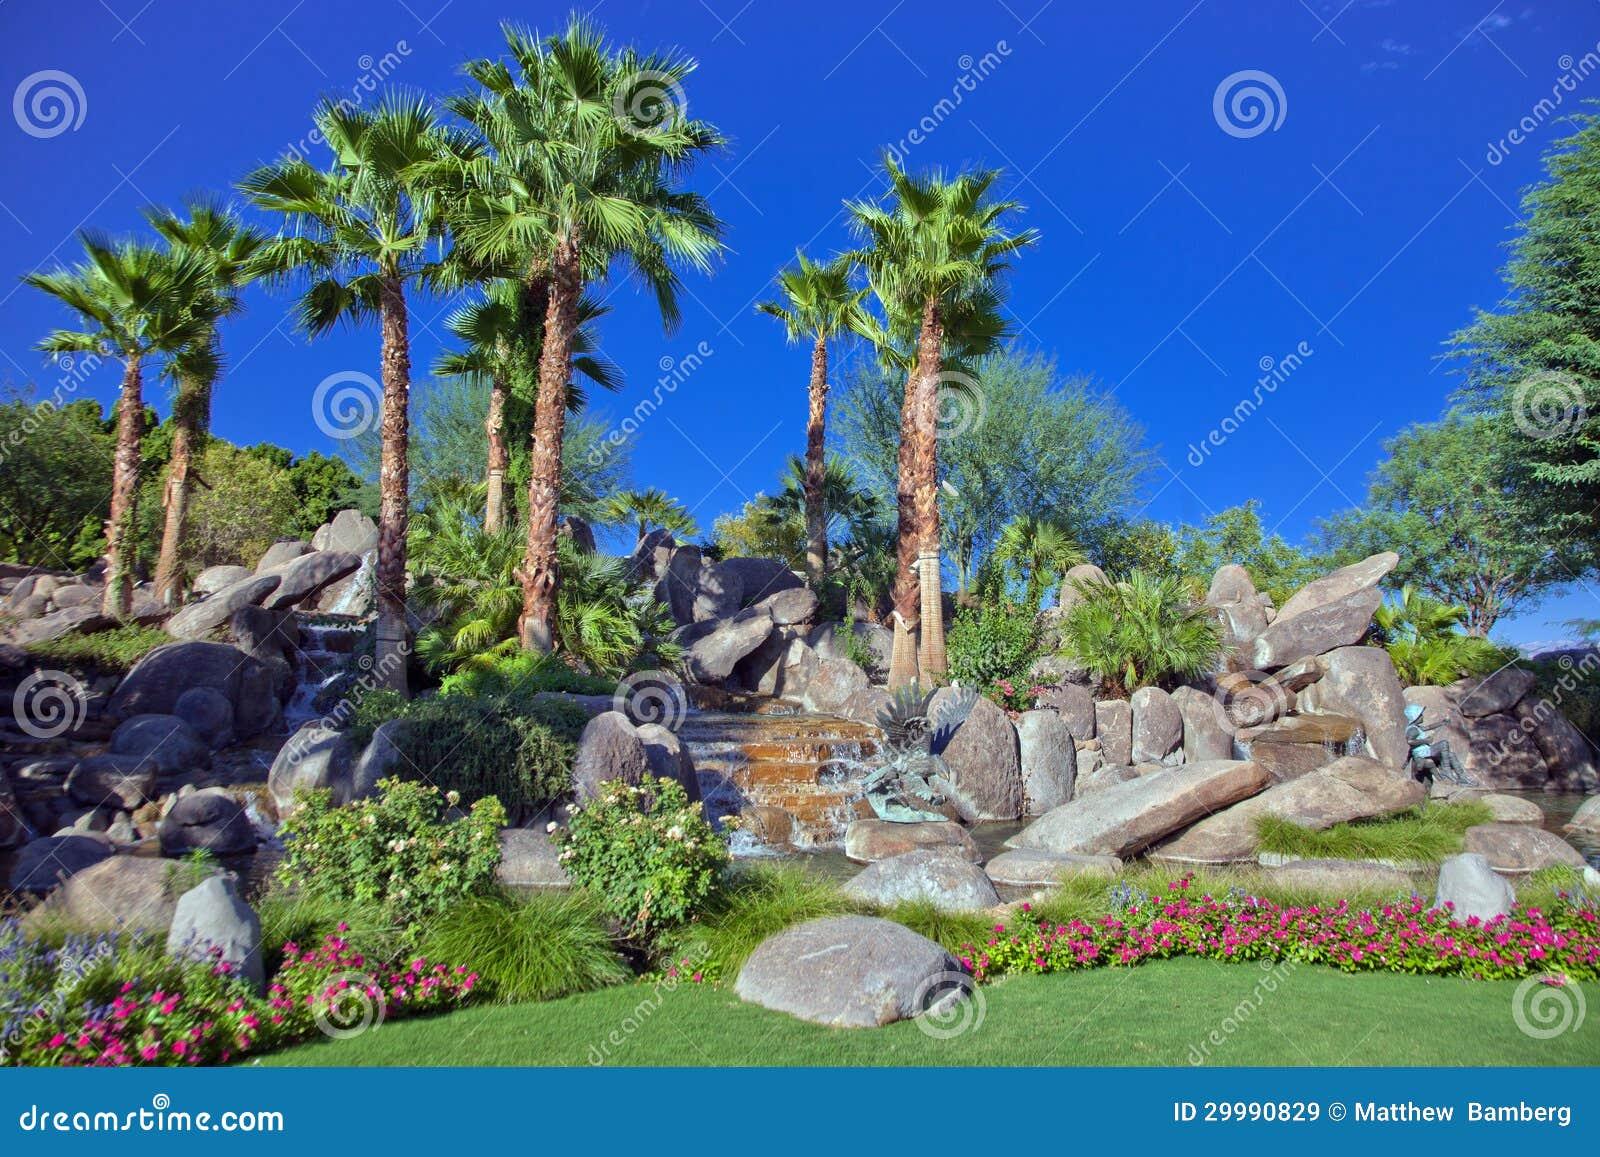 Palm springs del jard n del desierto im genes de archivo for Jardin del desierto